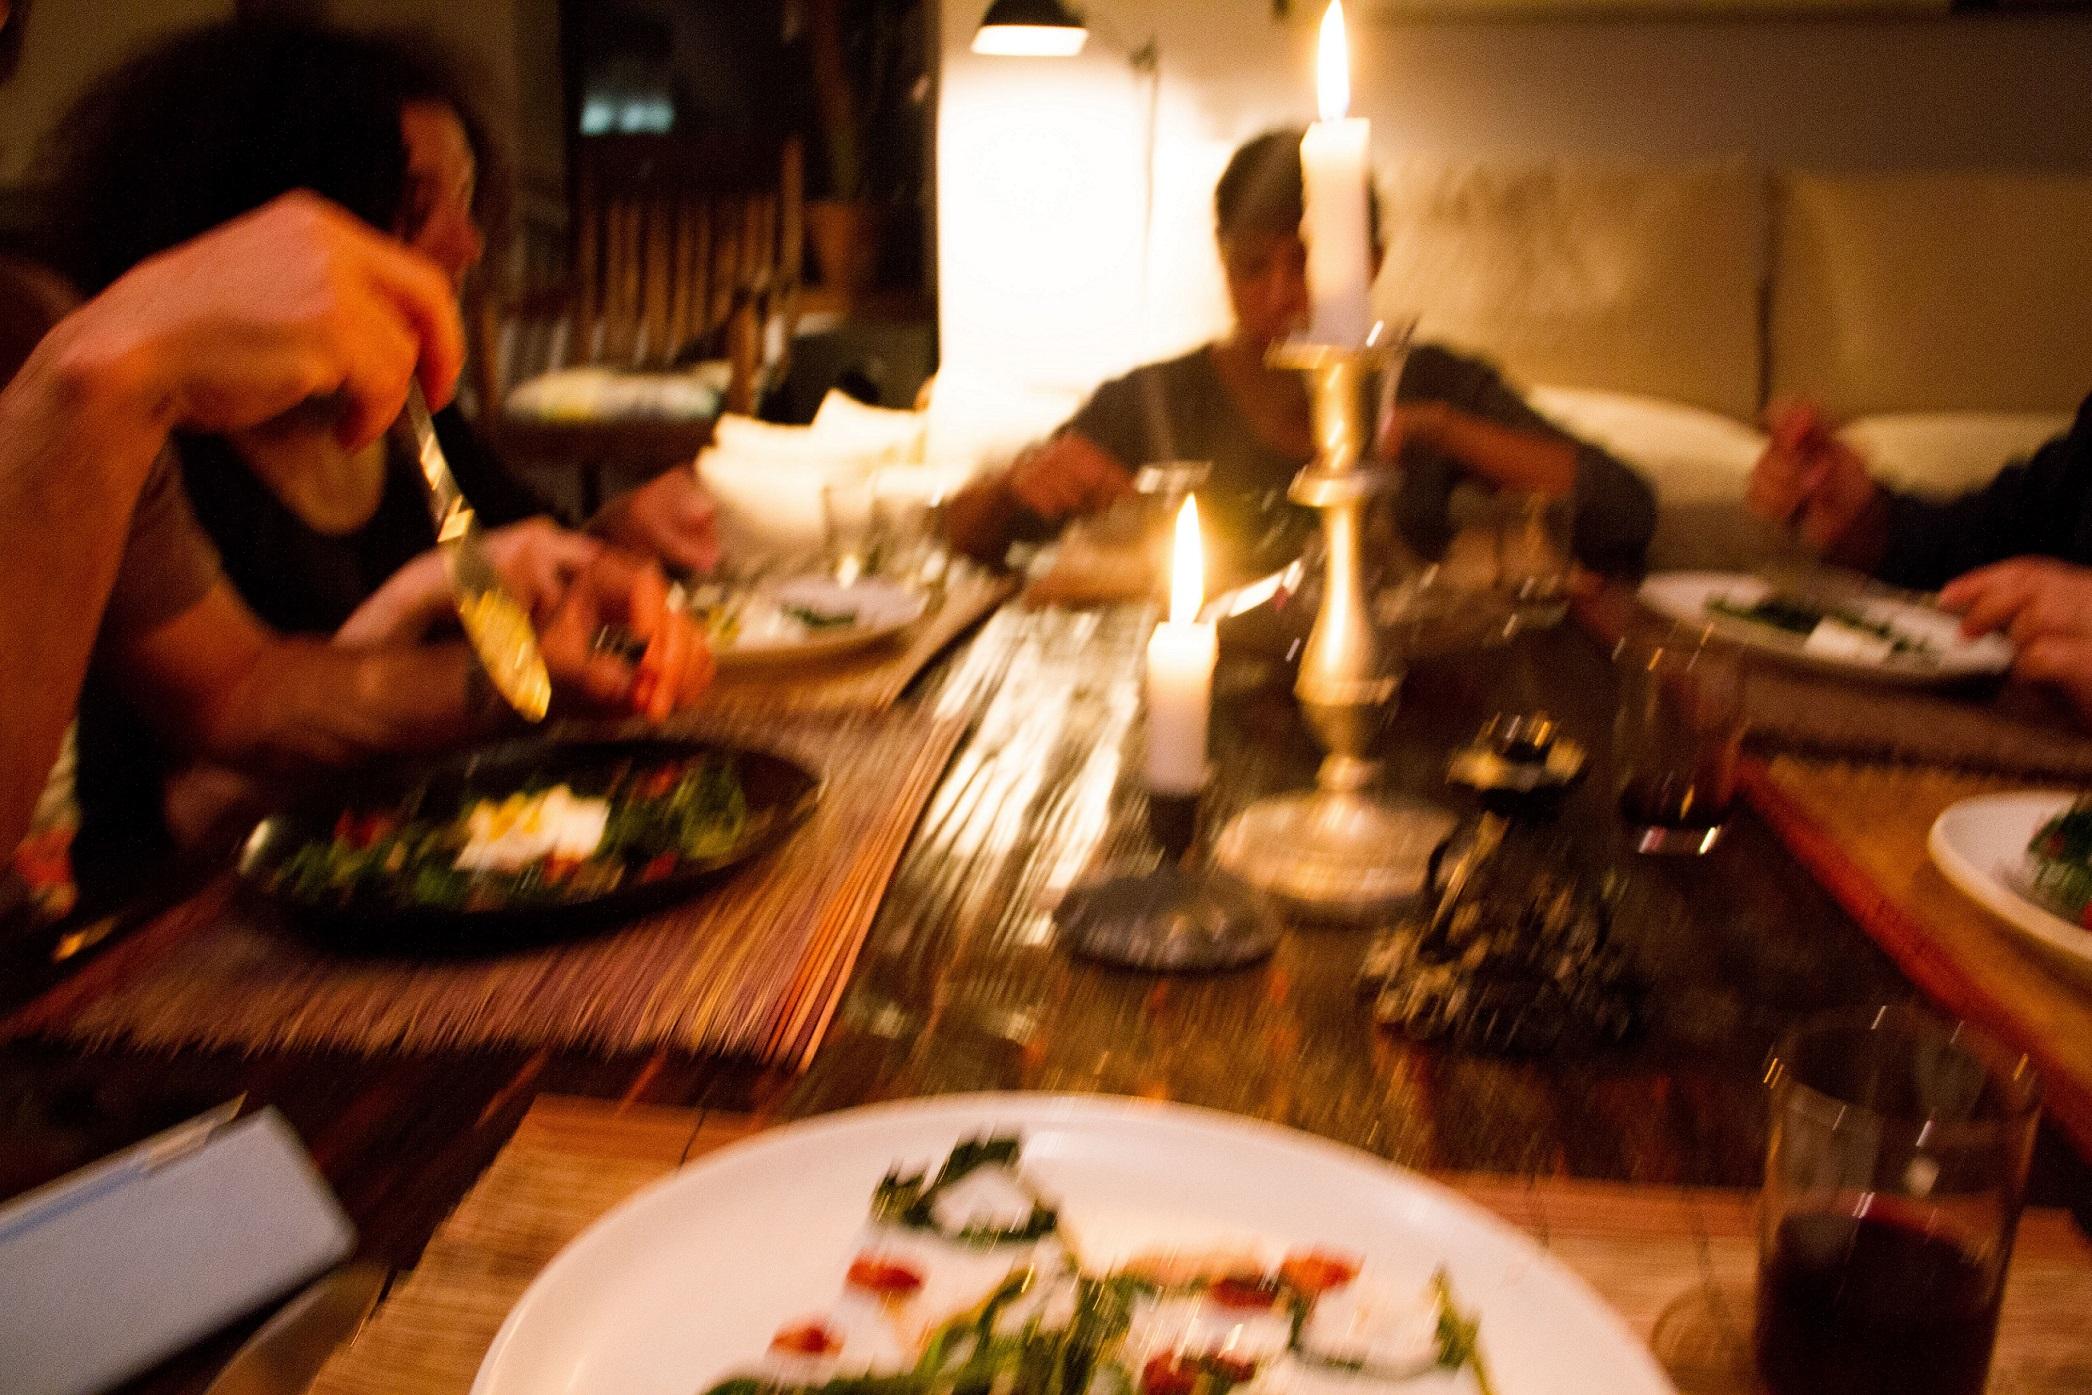 Οι Αθεοι της Ελλάδας ετοιμάζουν τον «Φανερό Δείπνο» και μιλήσαμε μαζί τους